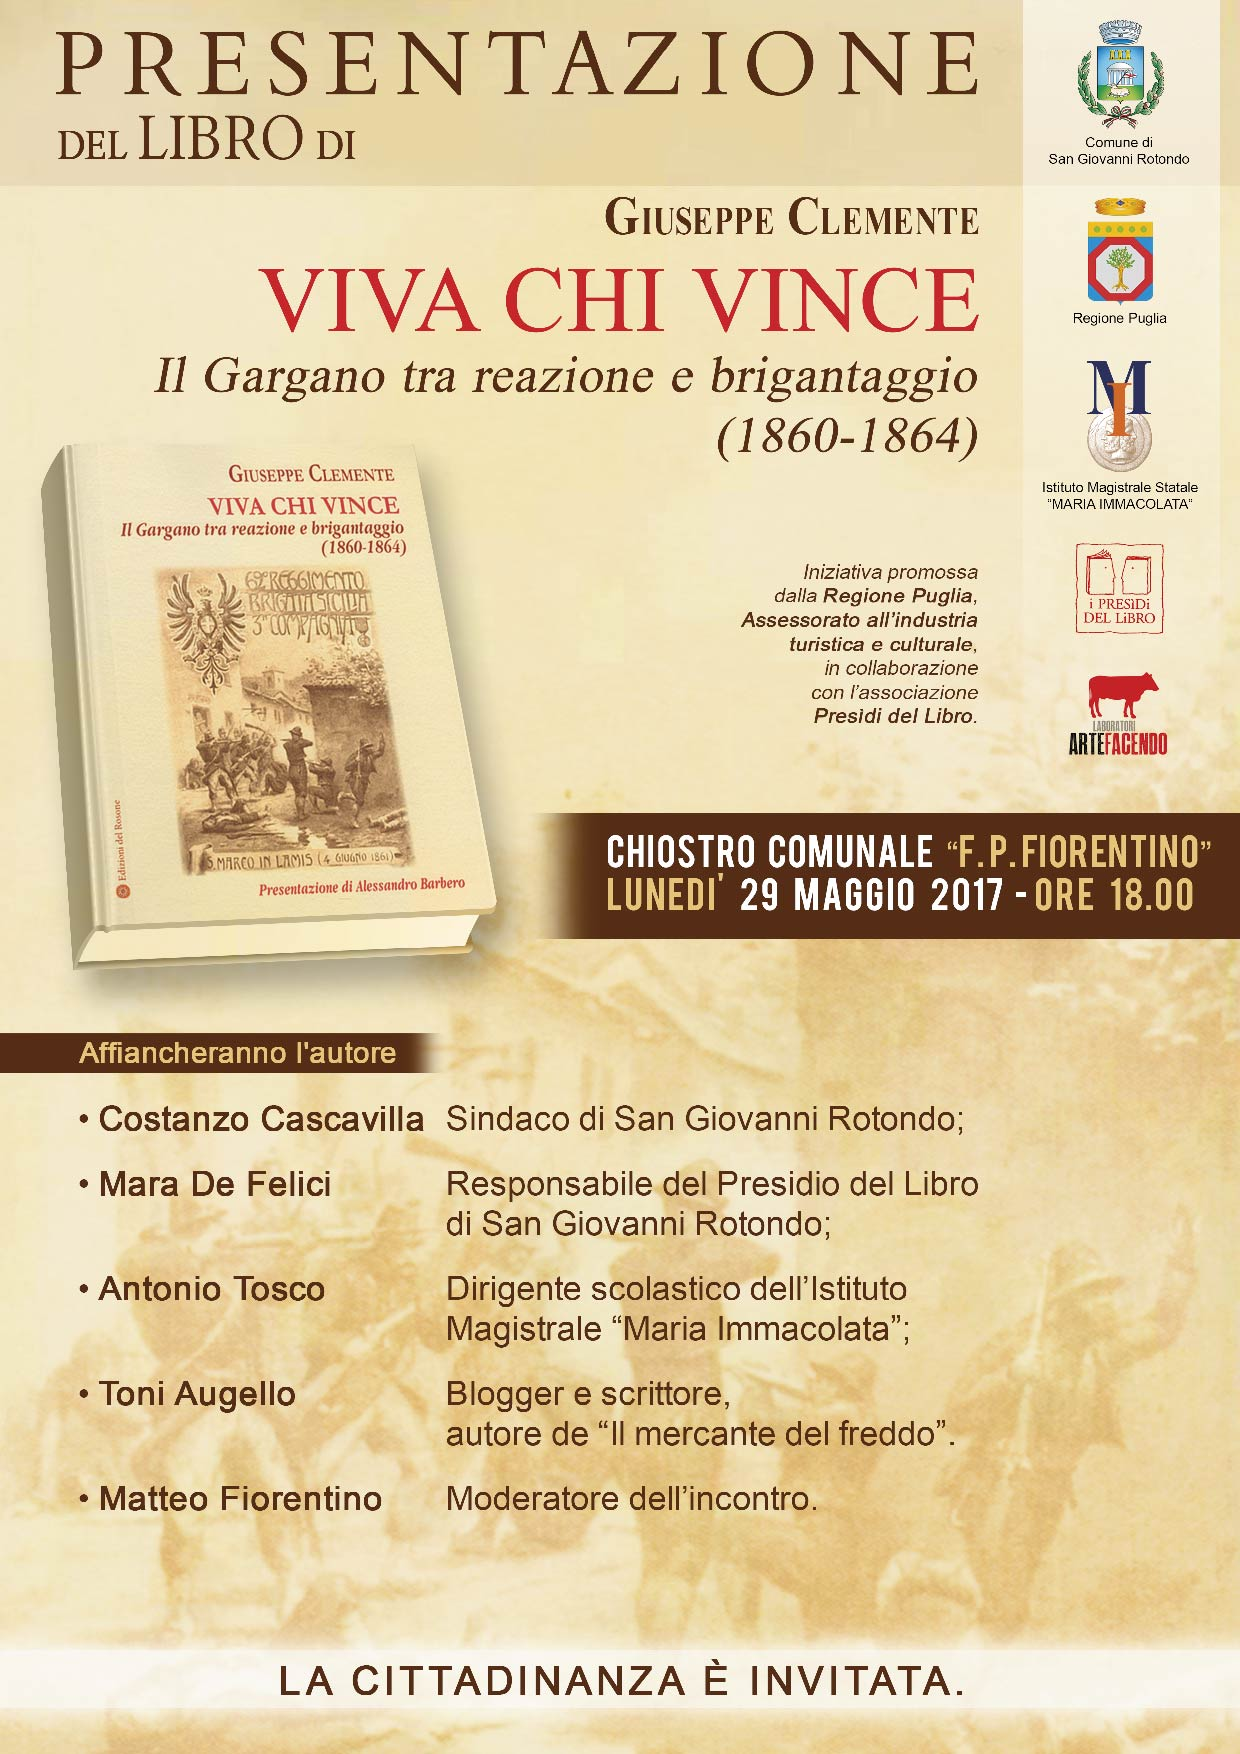 manifesto-present_-libro-clemente-01